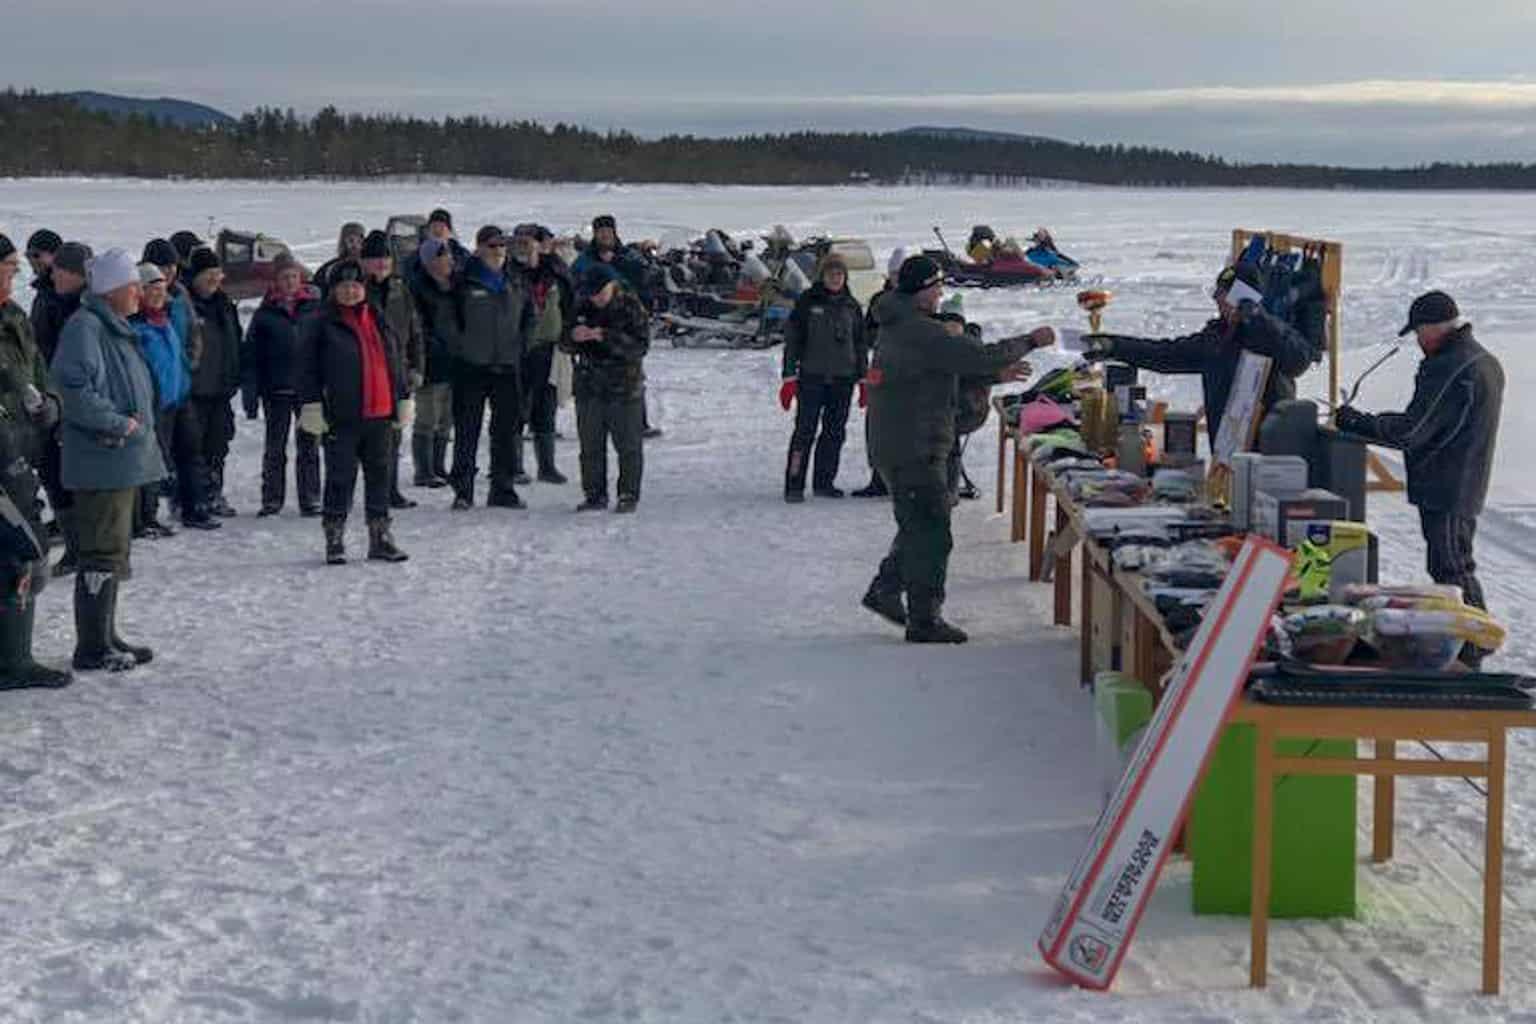 Omkring hundra fiskare kom till start i årets Målingspimpel, den 29:e i ordningen, som gick av stapeln under lördagen. Foto: Thomas Sundemyr